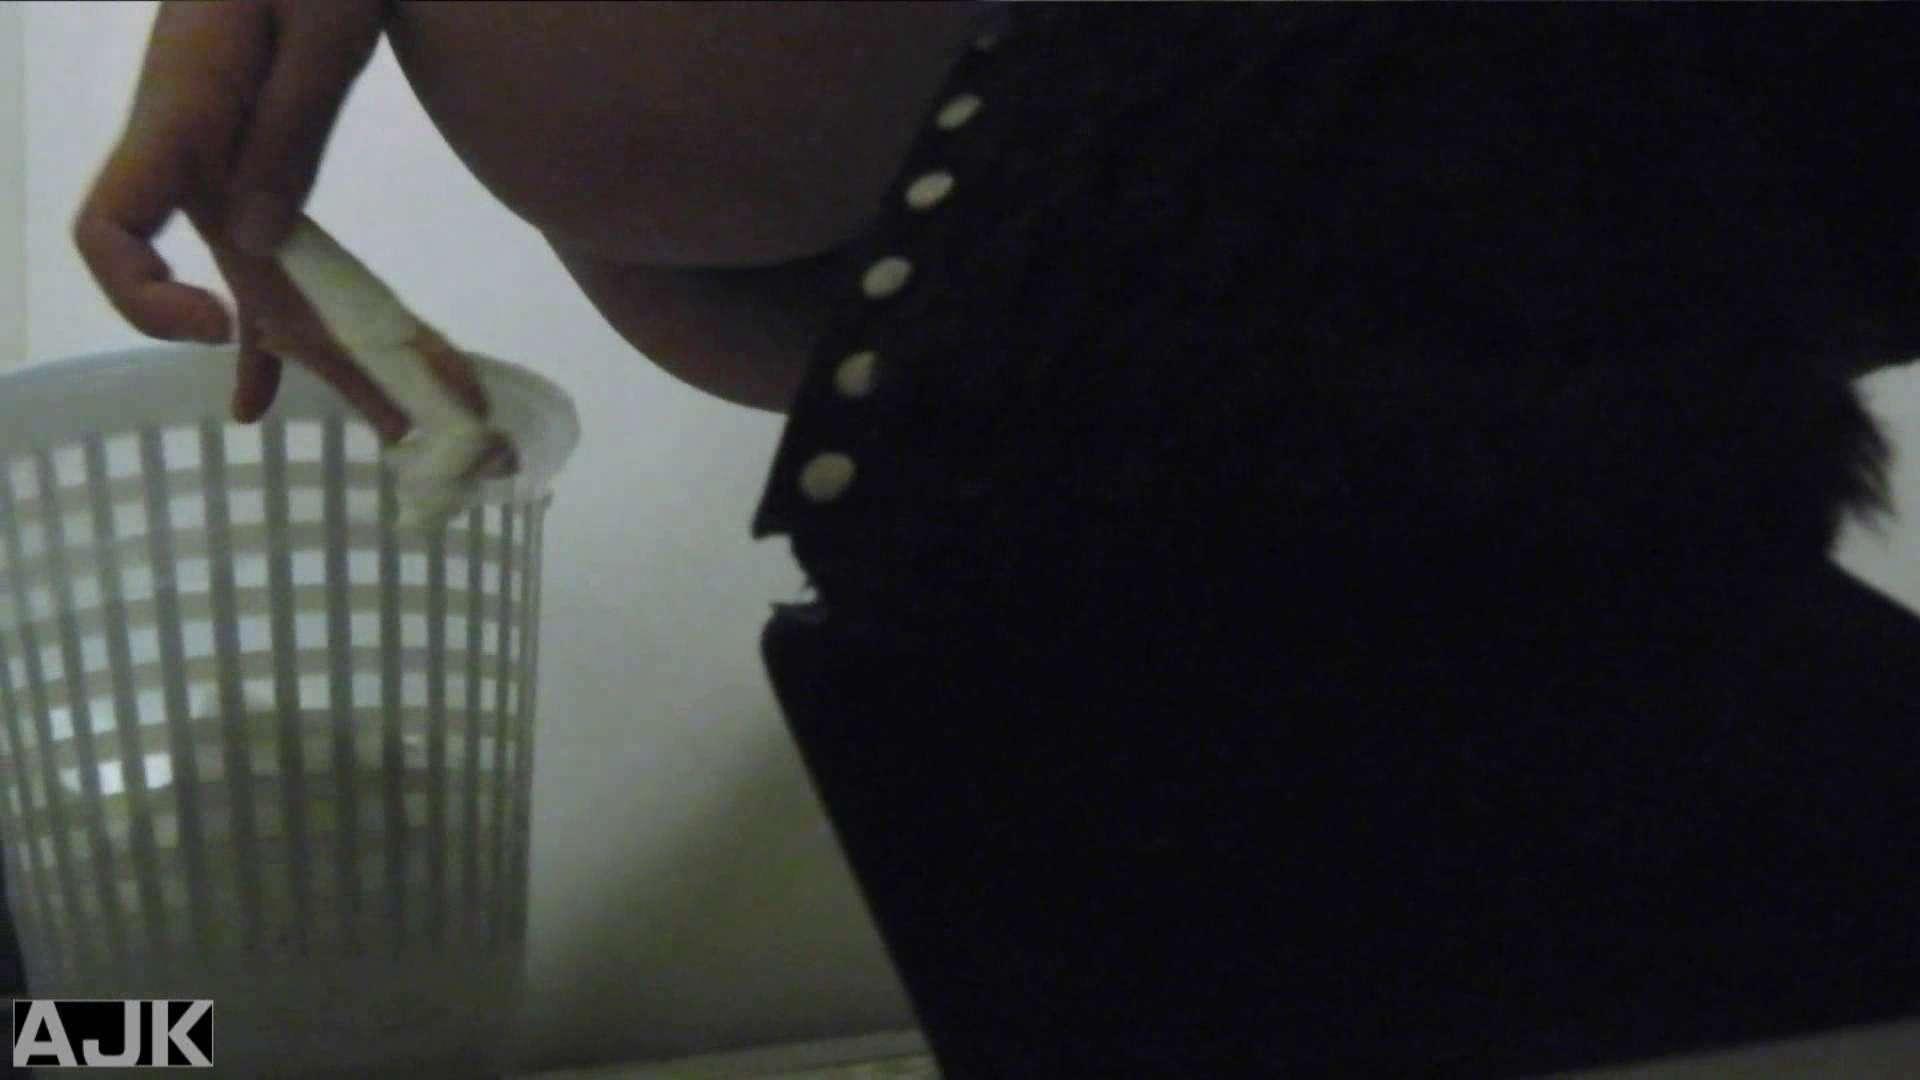 隣国上階級エリアの令嬢たちが集うデパートお手洗い Vol.29 盗撮編 AV無料動画キャプチャ 108枚 102